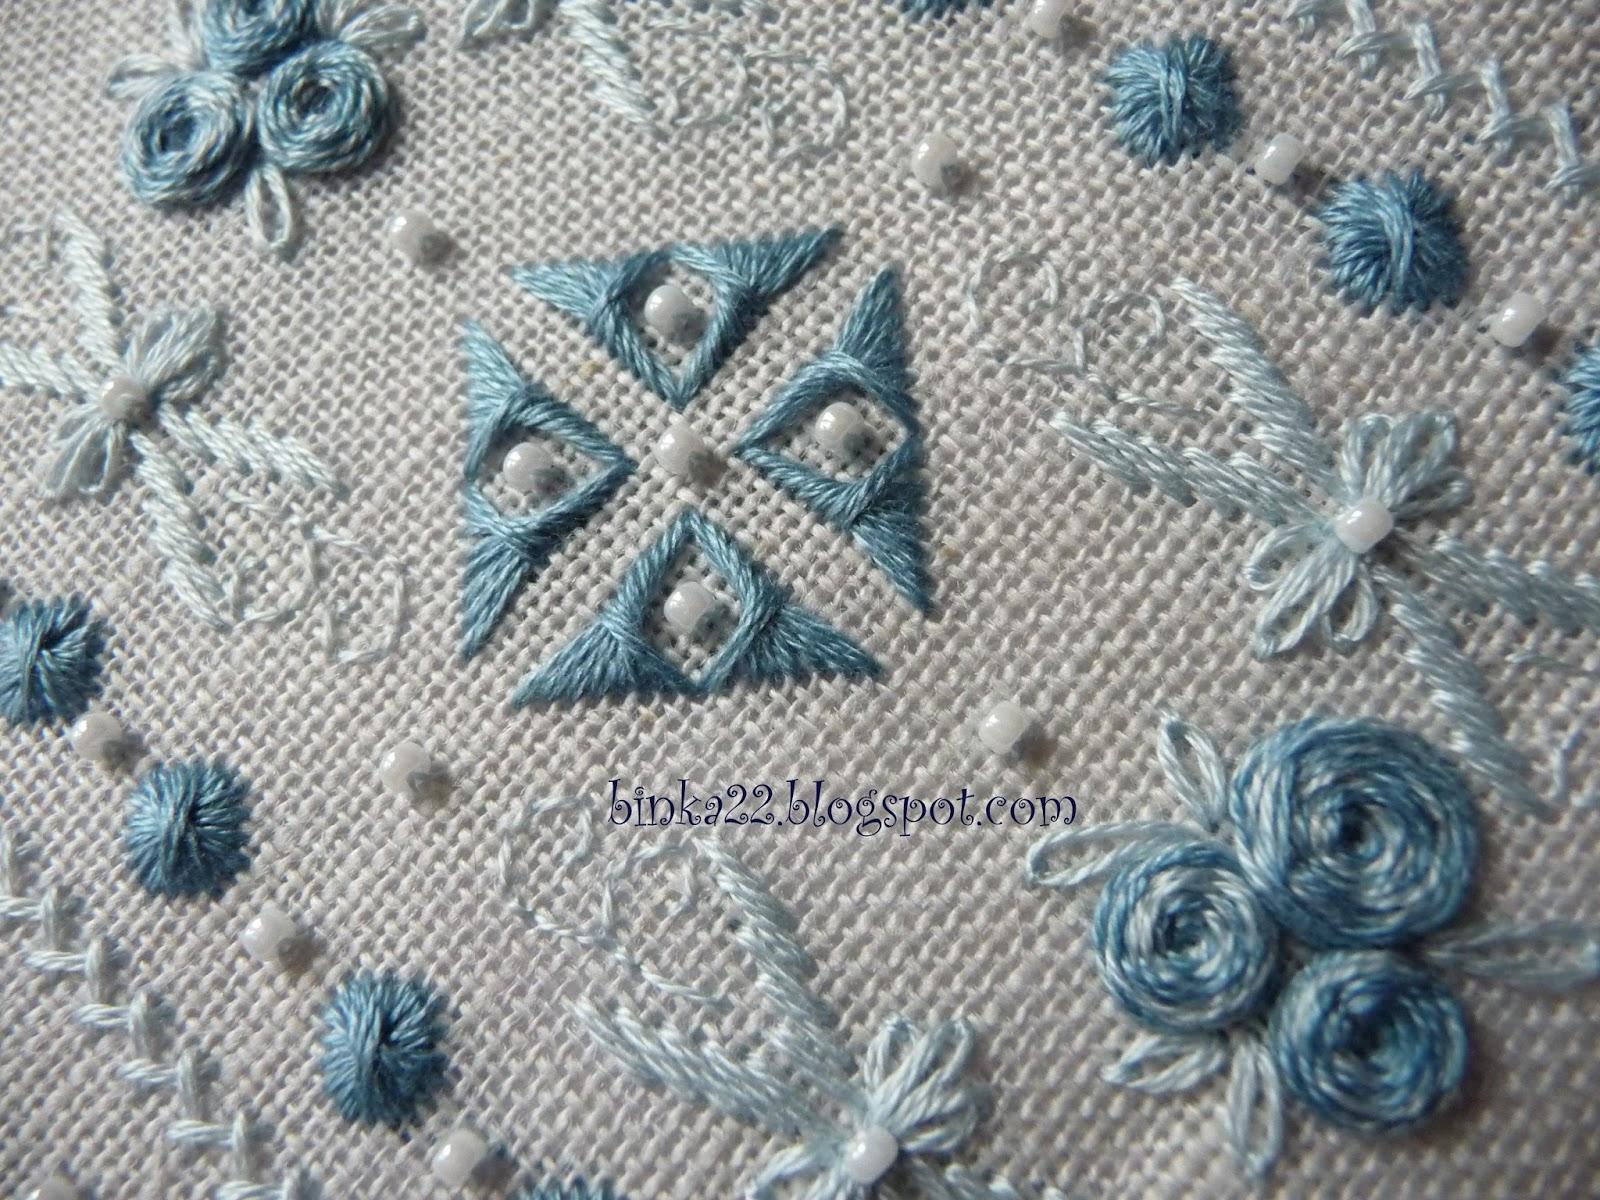 Схема для вышивки шовчиковая 986